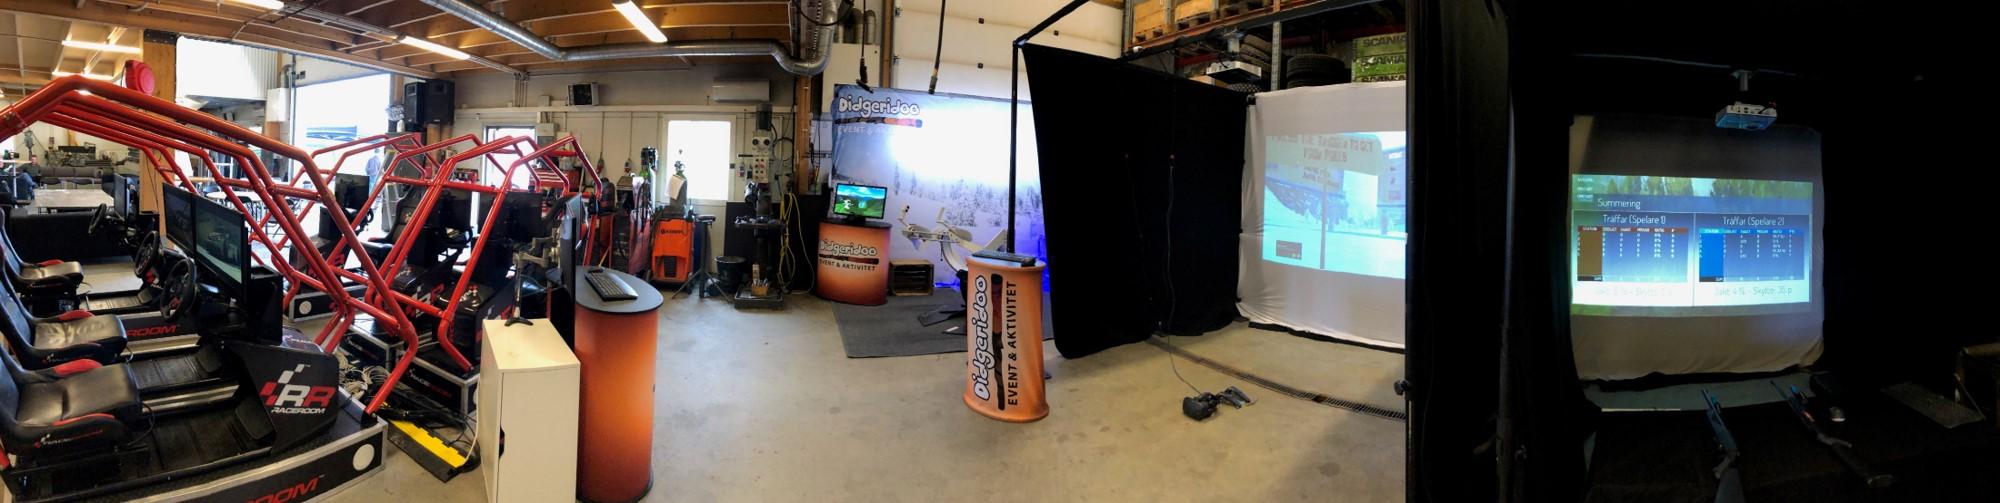 Mobilt game room